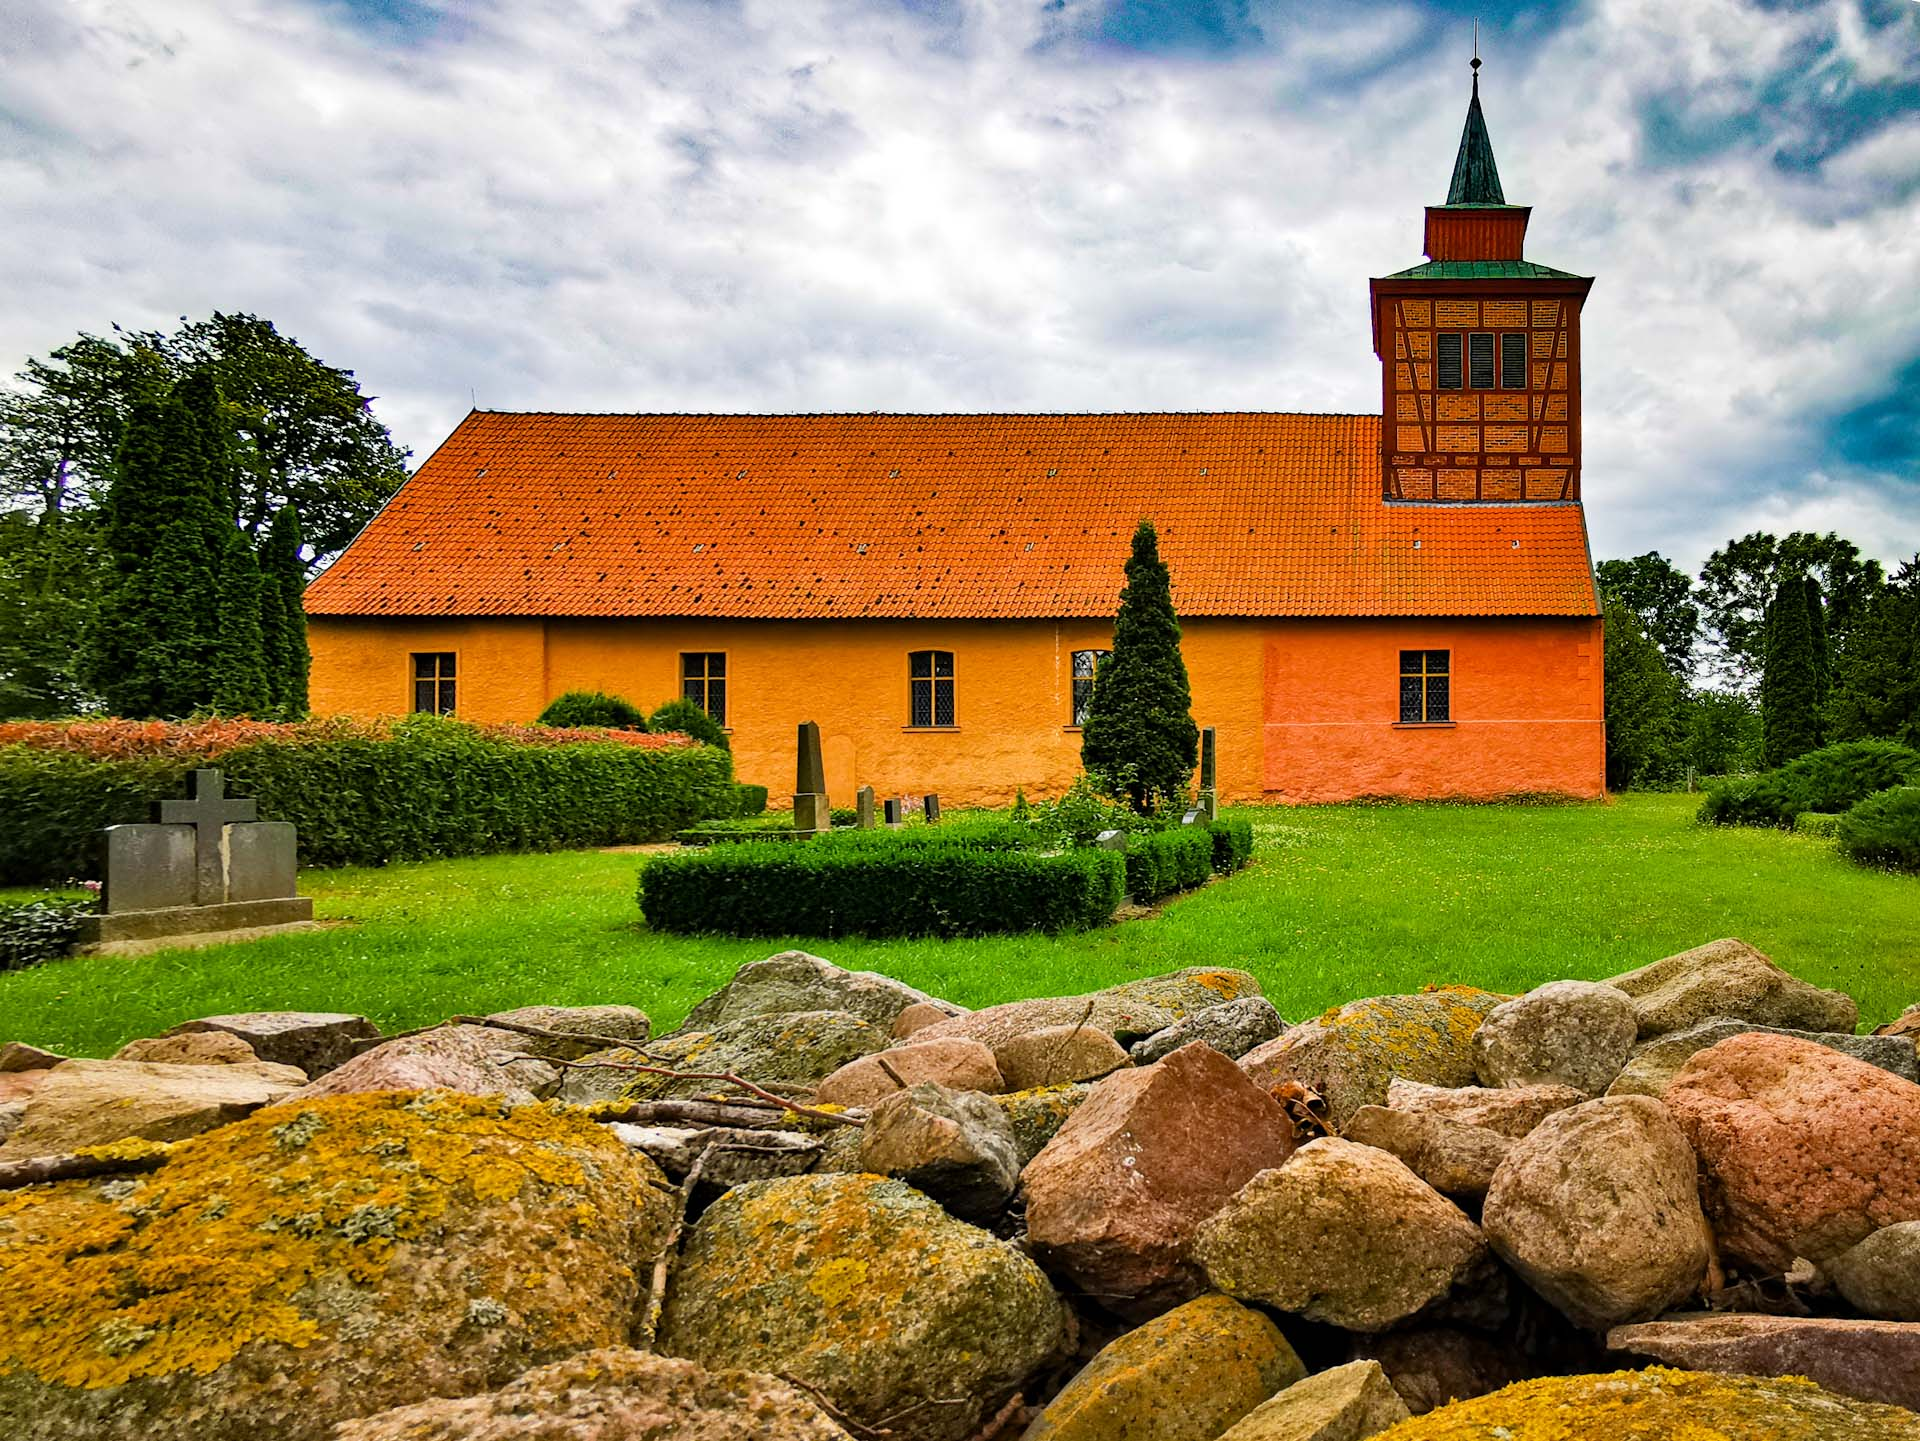 St.-Petri-Kirche Kagendorf